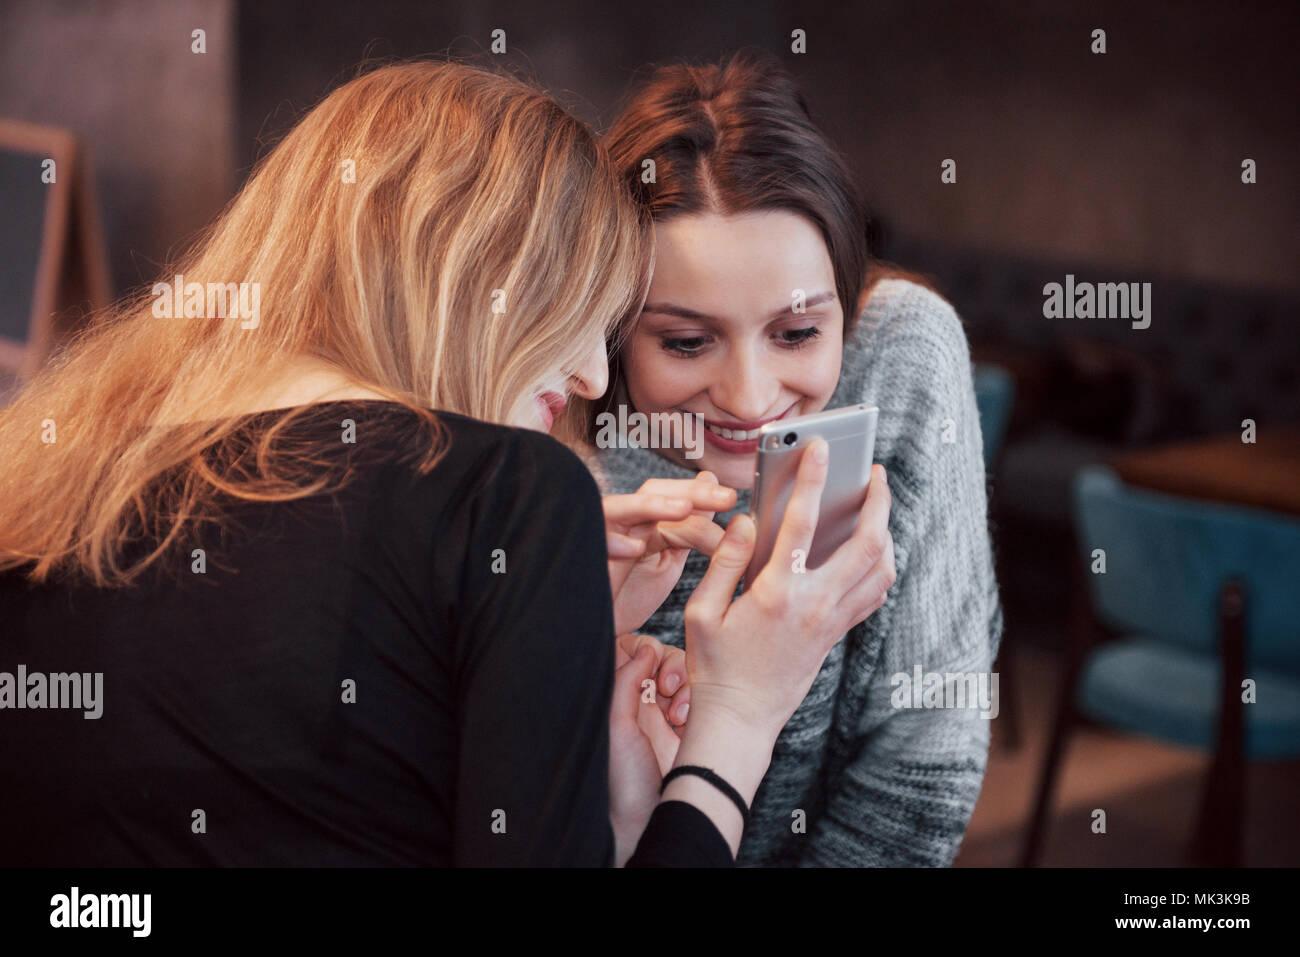 Dos sonriendo amigos leer funny chat sobre teléfono moderno sentado con sabroso café en el restaurante.Hipster niñas disfrutando de tiempo de recreo en la cafetería con bebidas calientes y mensajería en teléfonos Foto de stock